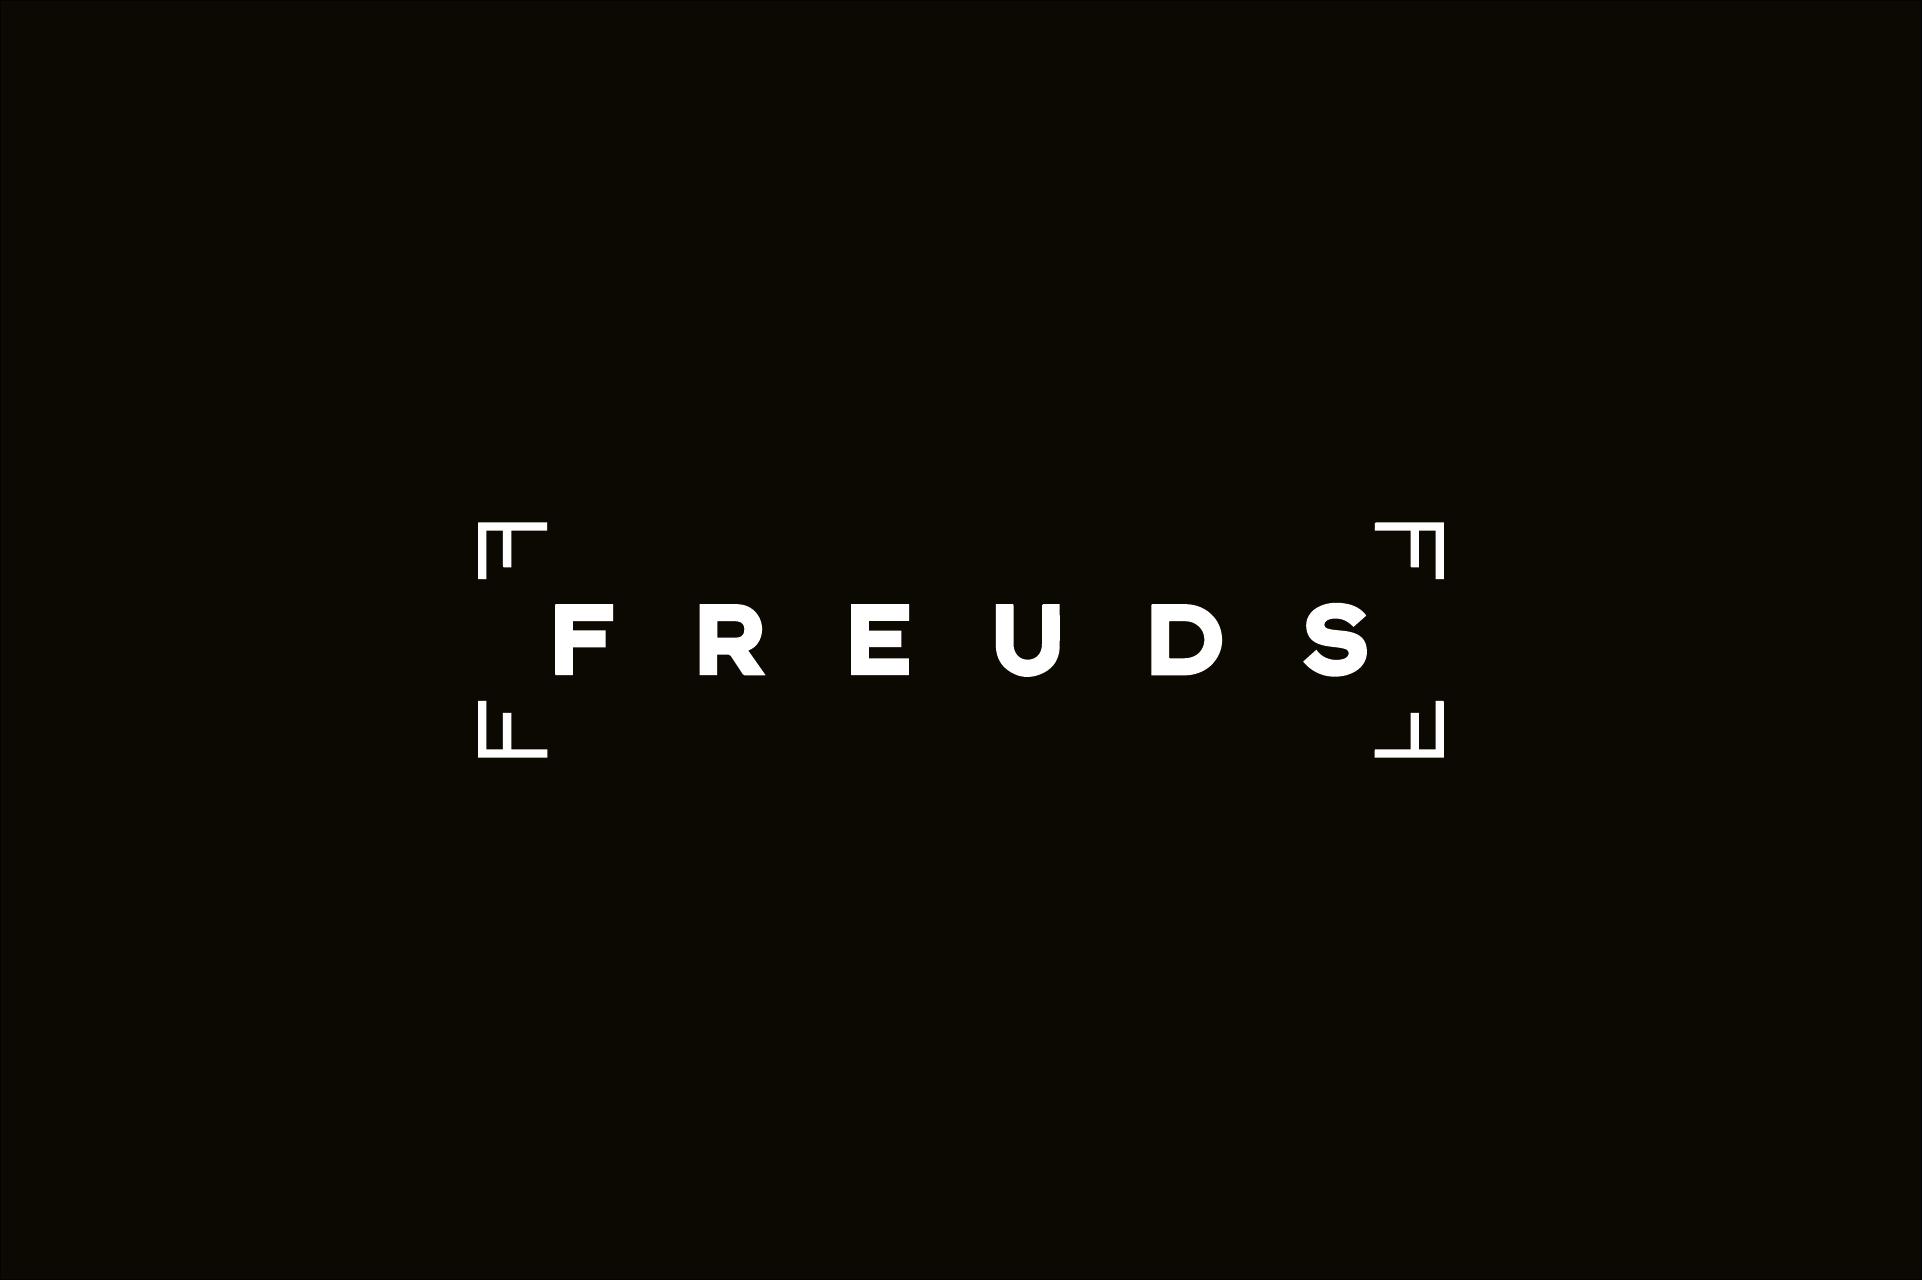 Freuds